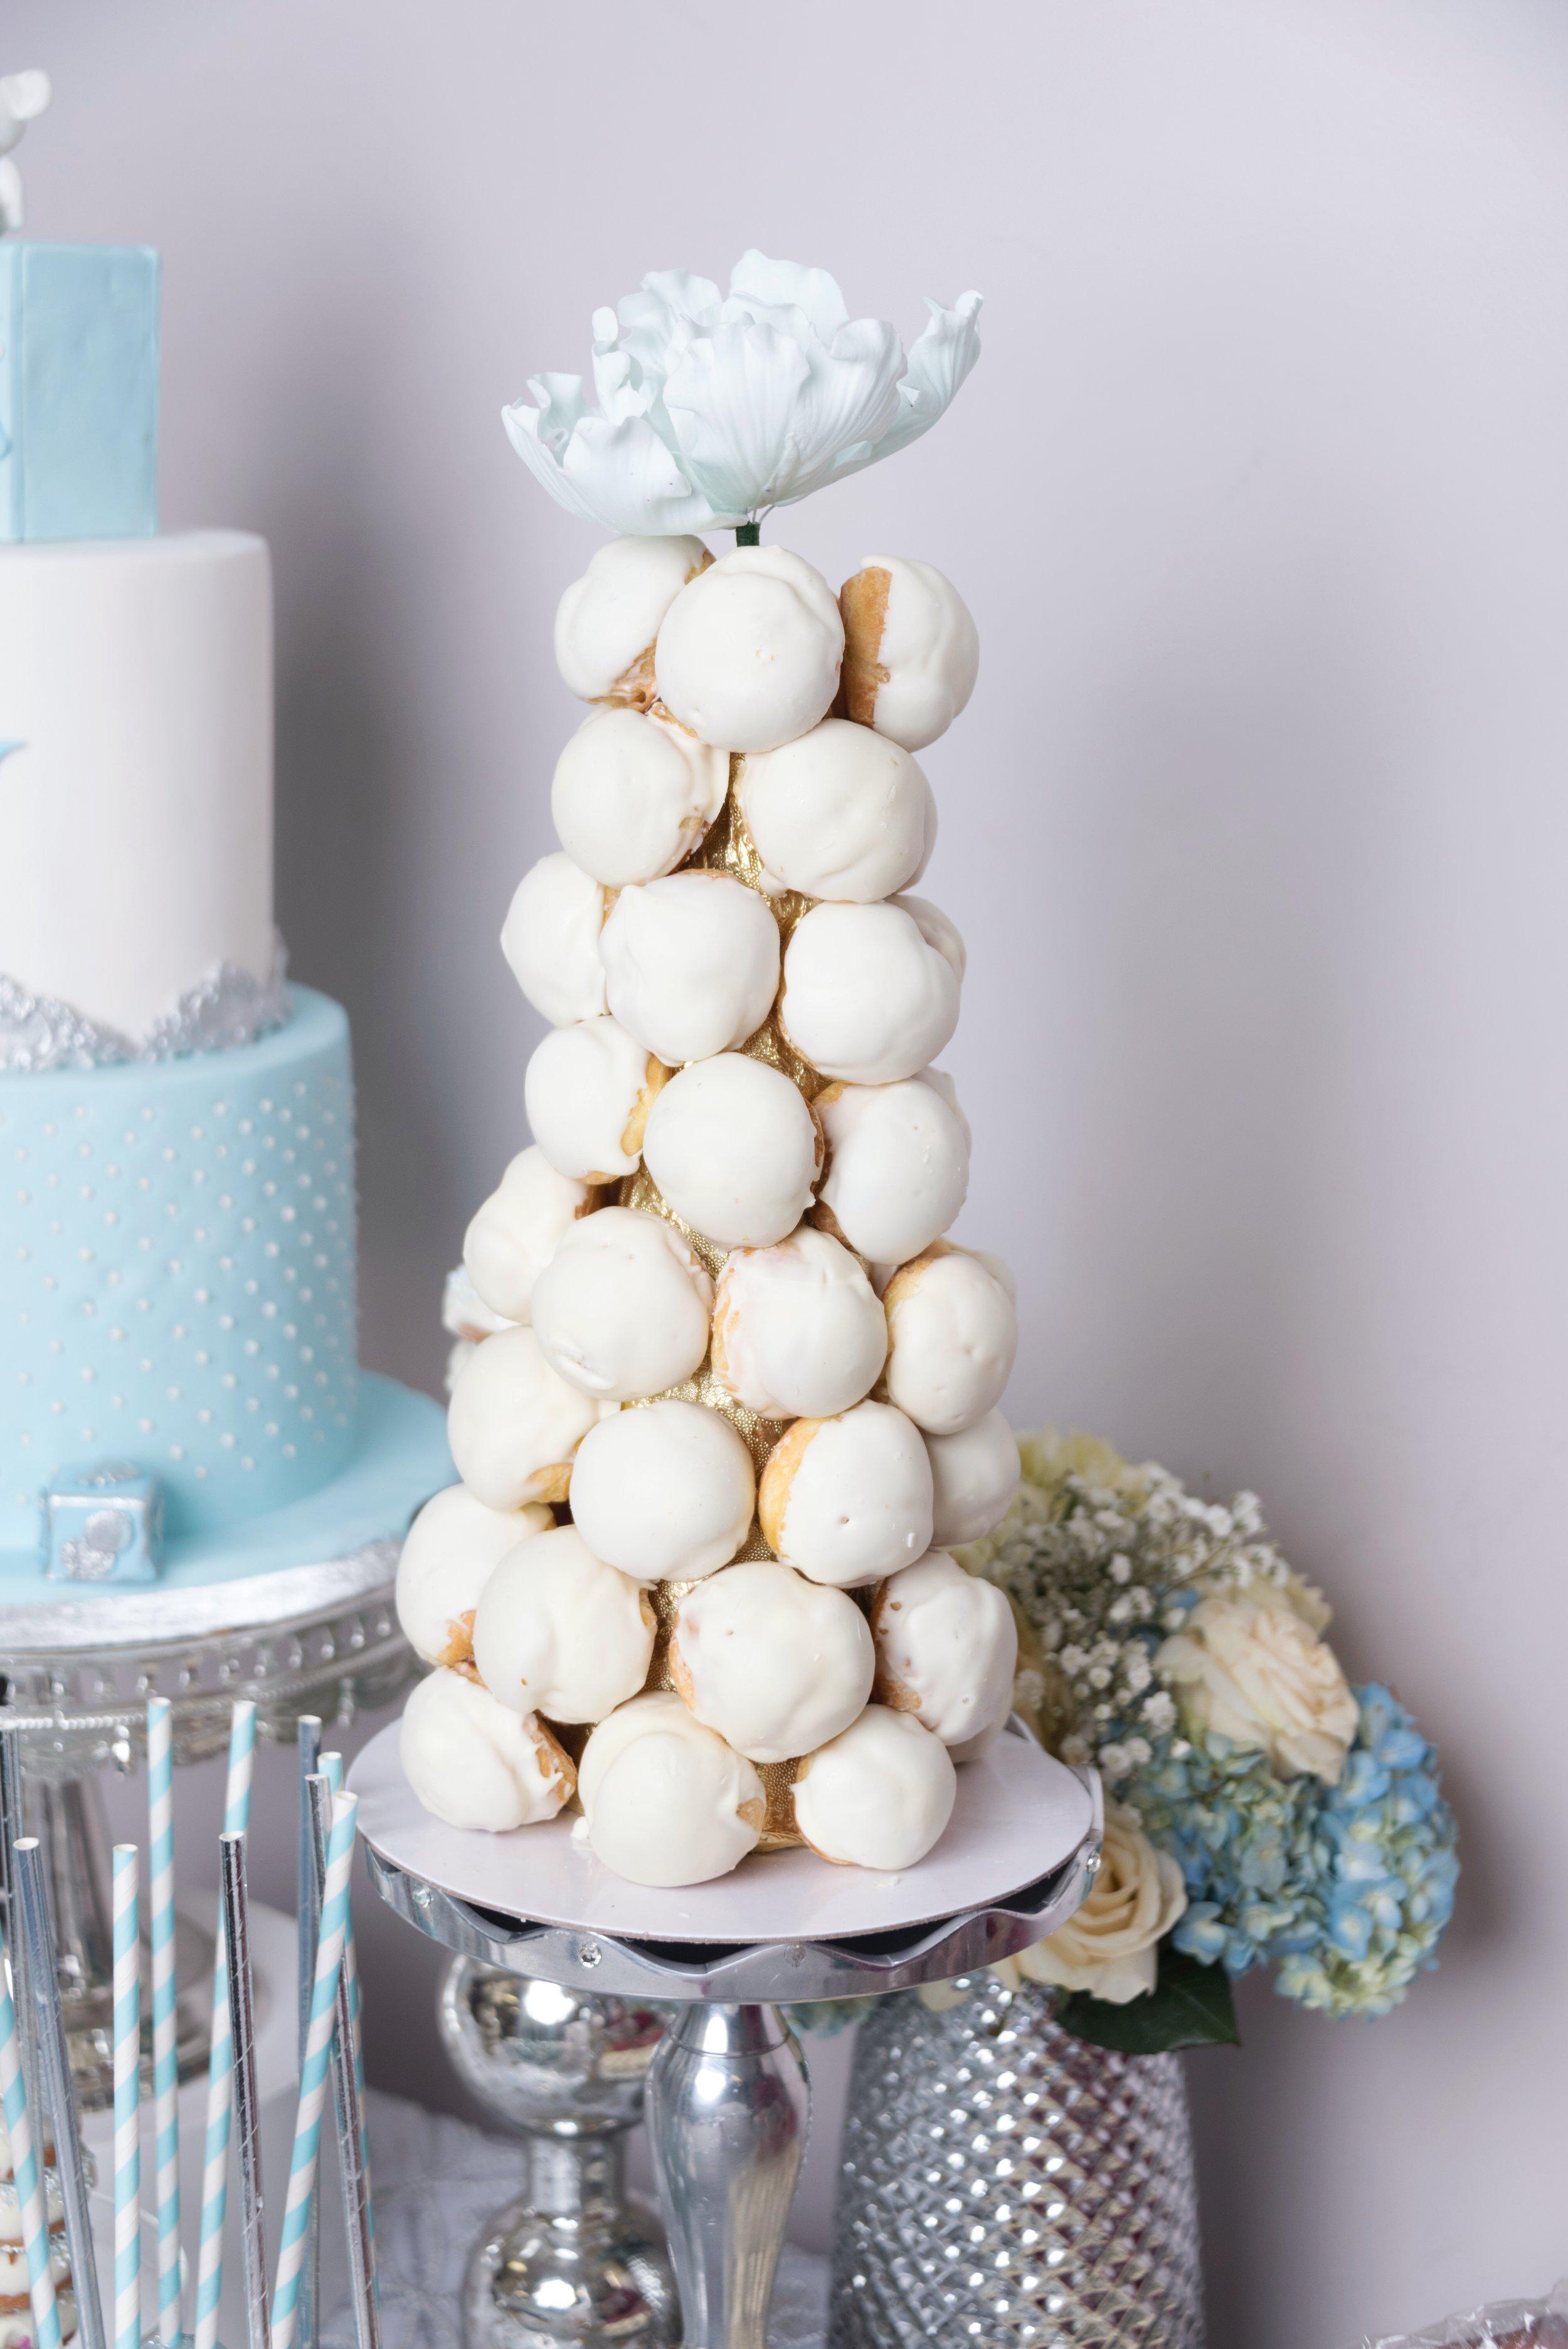 Baby Shower Dessert Table Cream Puffs.jpg